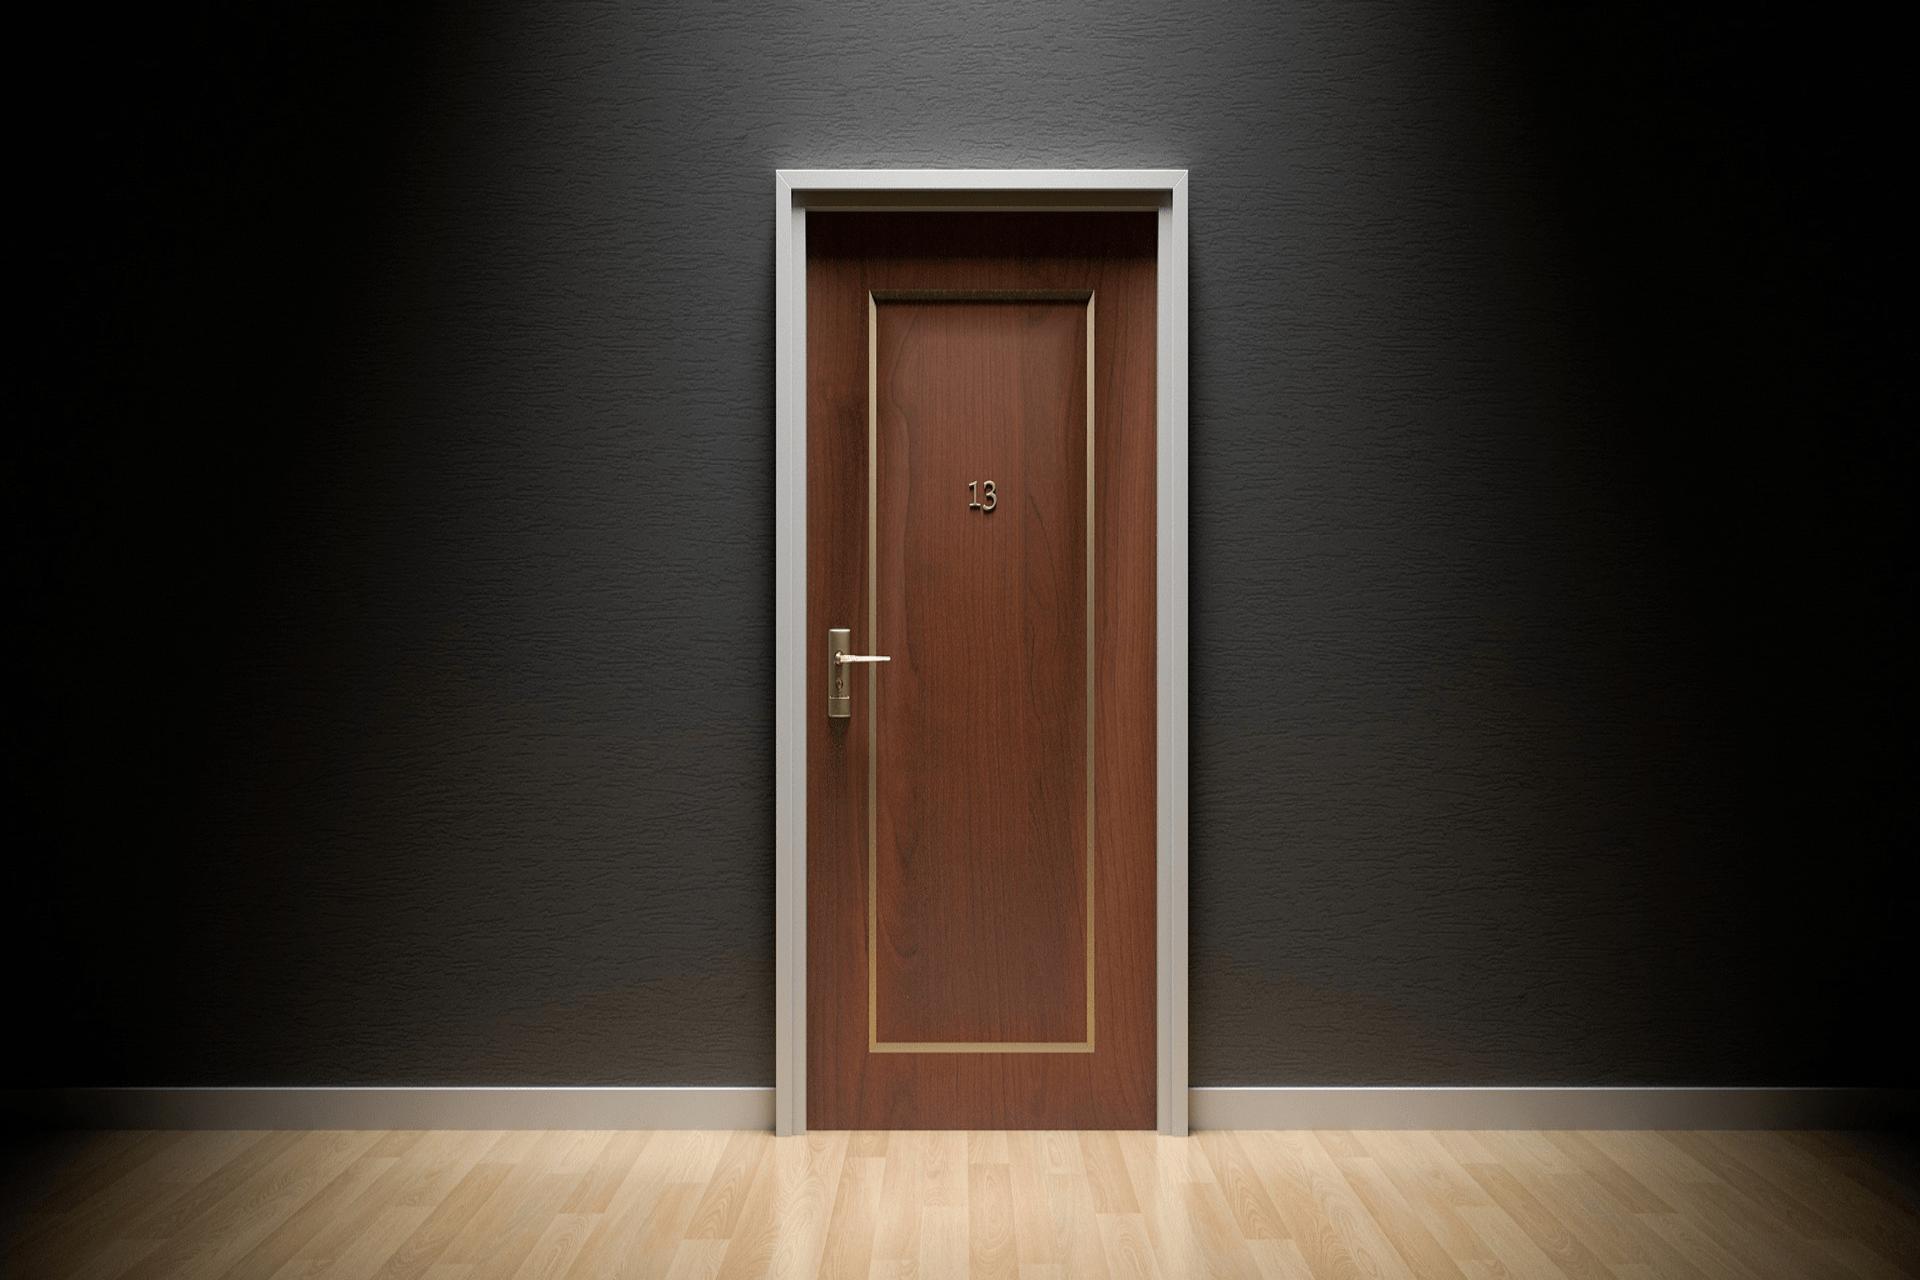 door 1587023 1920 1